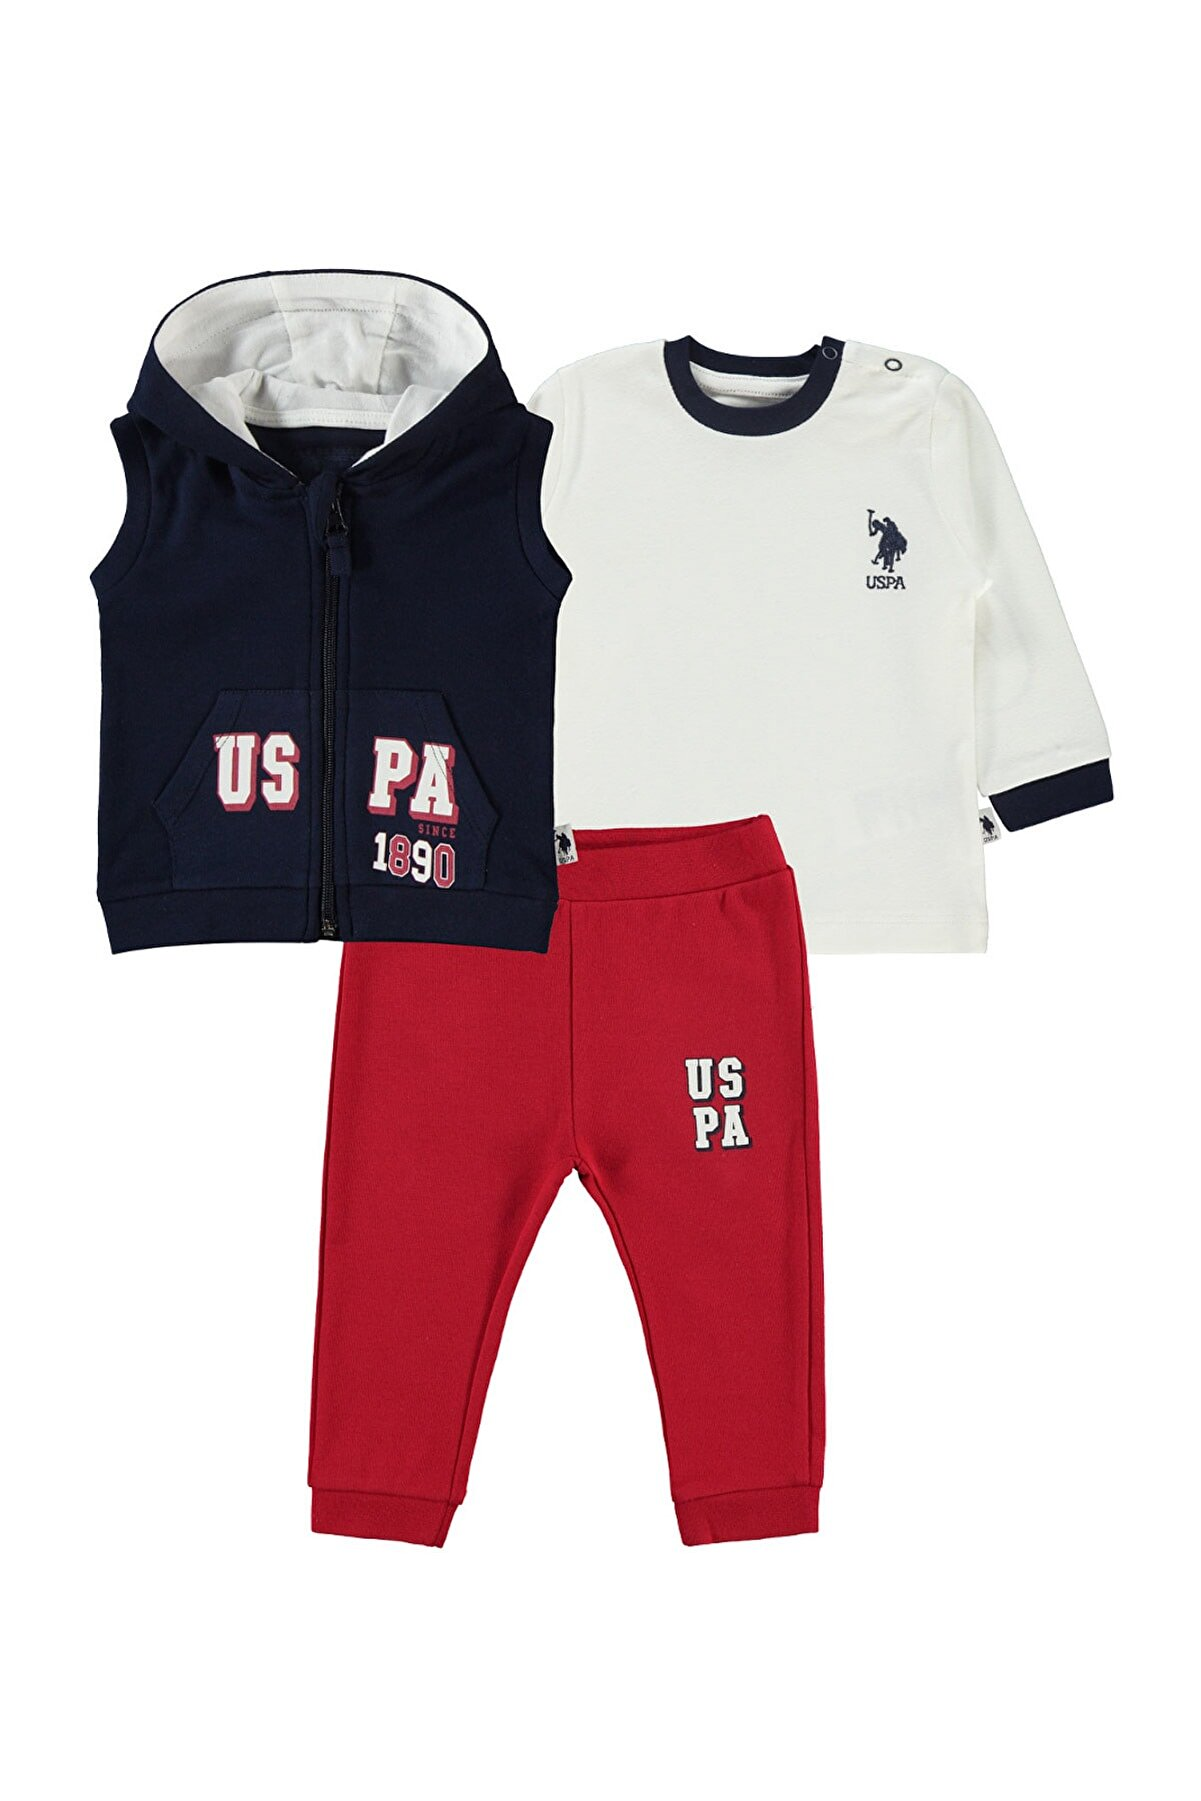 US Polo Assn Erkek 3'lü Takım